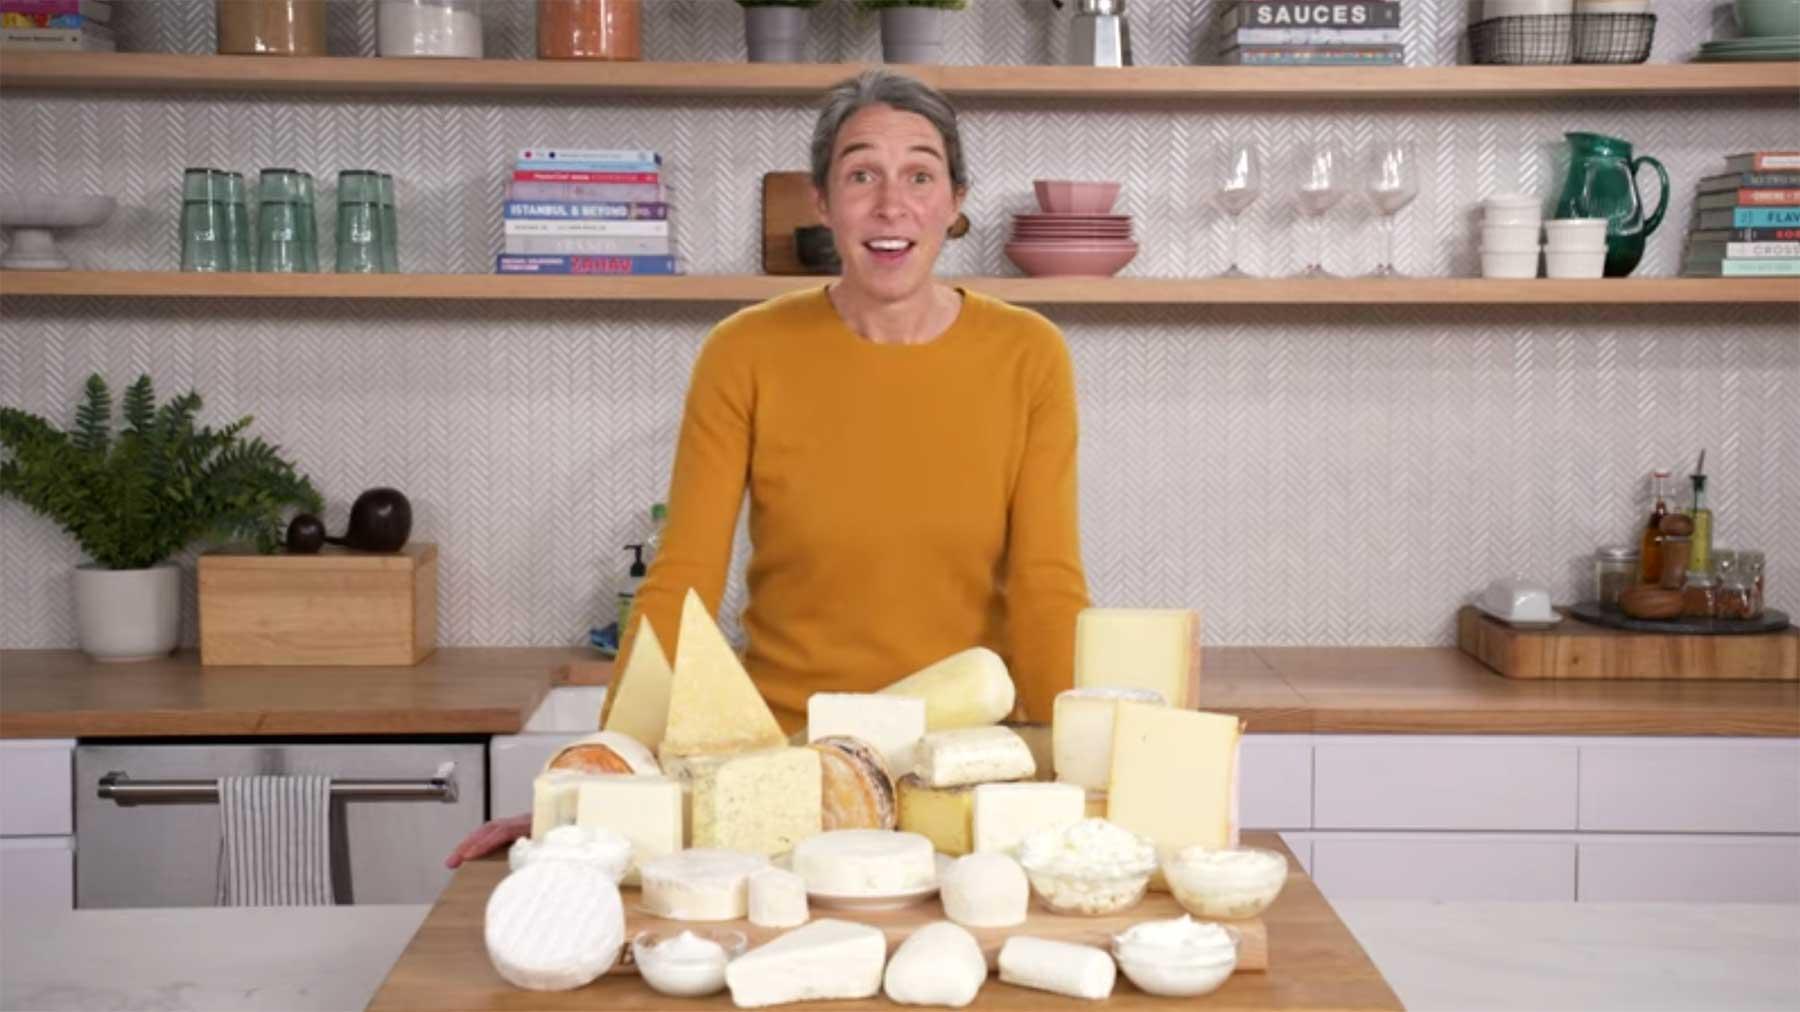 Wie man JEDEN* Käse richtig schneidet wie-man-jeden-kaese-richtig-schneidet